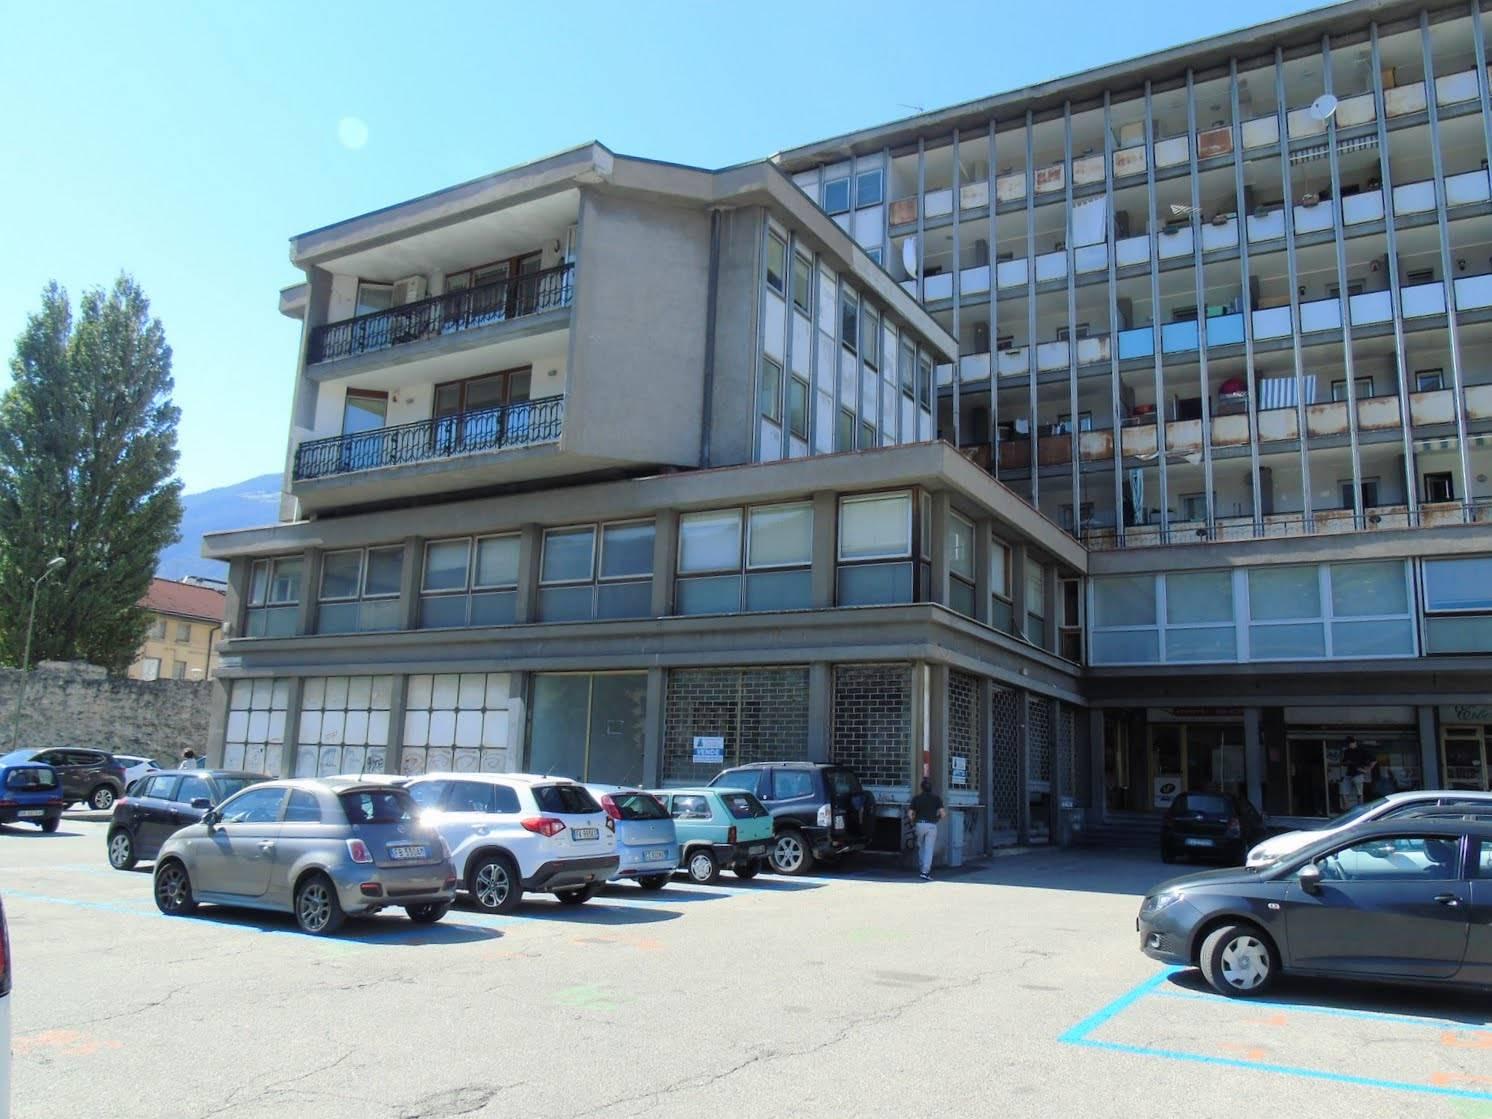 Negozio / Locale in affitto a Aosta, 3 locali, zona Zona: Centro, prezzo € 1.600 | CambioCasa.it